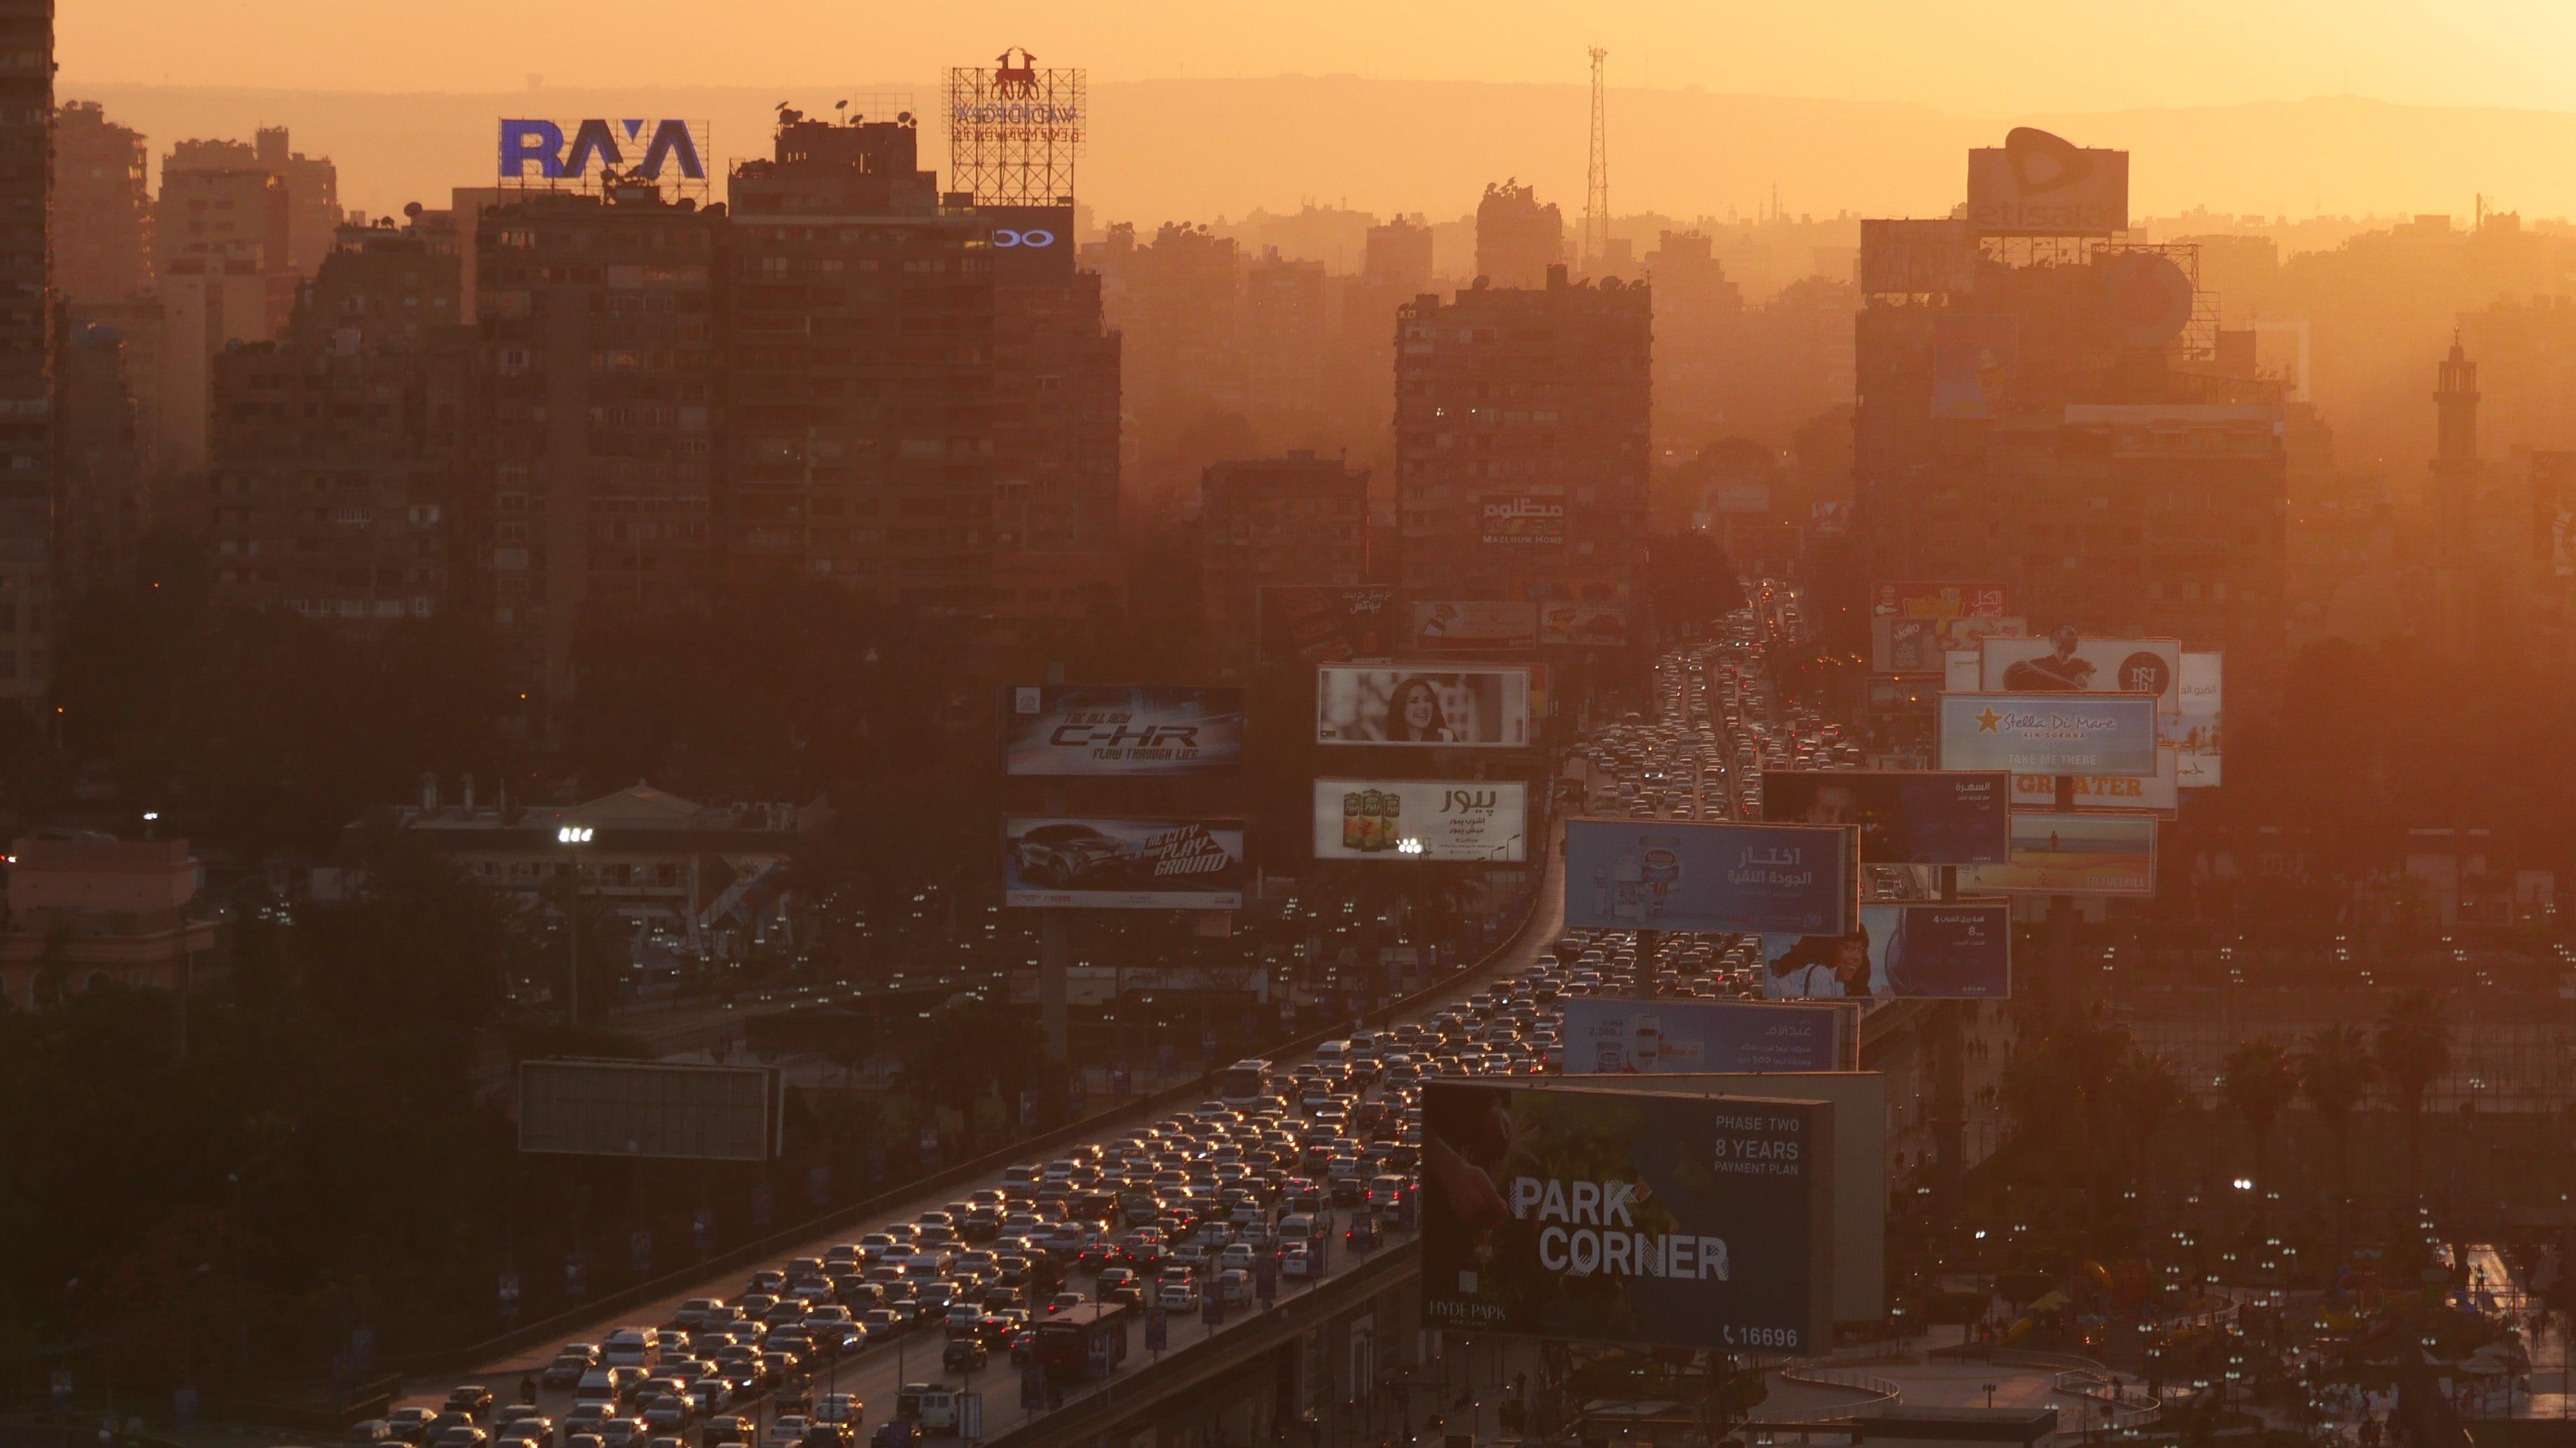 Imagen de una ciudad industrializada con un alto volumen de tránsito rodado, susceptible de tener una baja calidad del aire